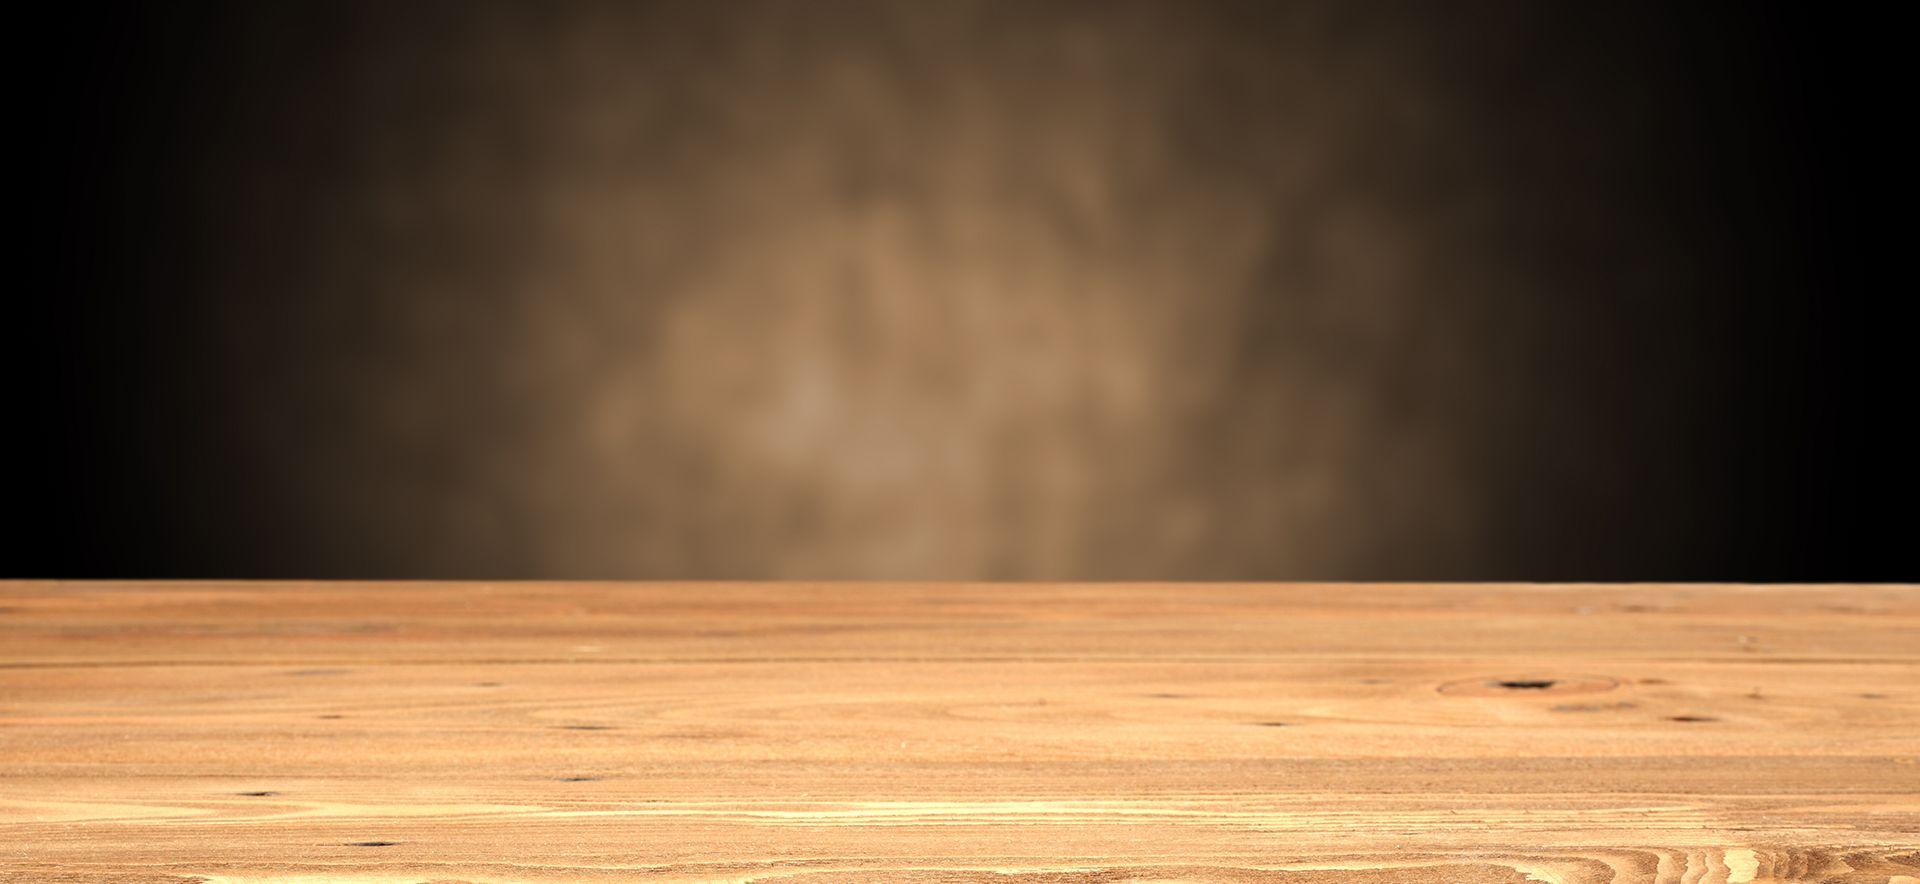 خلفية الخشب البني Panos De Fundo Fundo Textura Imagens De Fundo